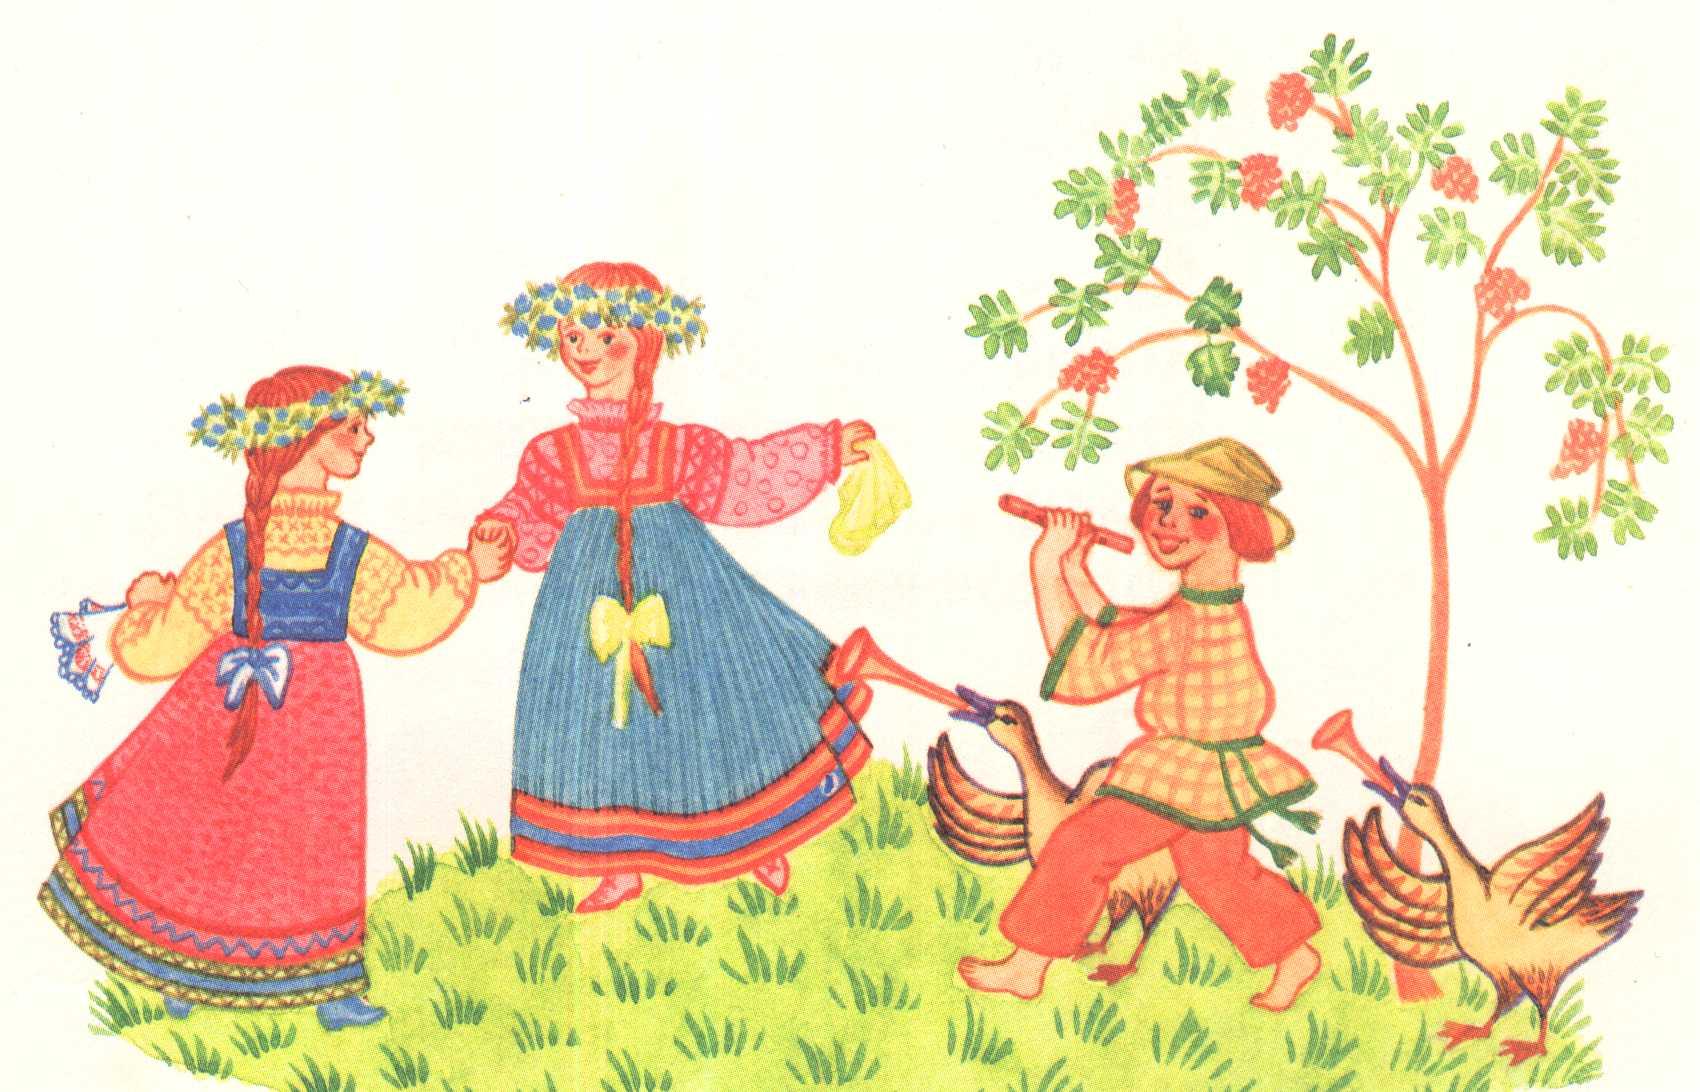 Народное творчество в картинках для детей 4-5 лет для садика